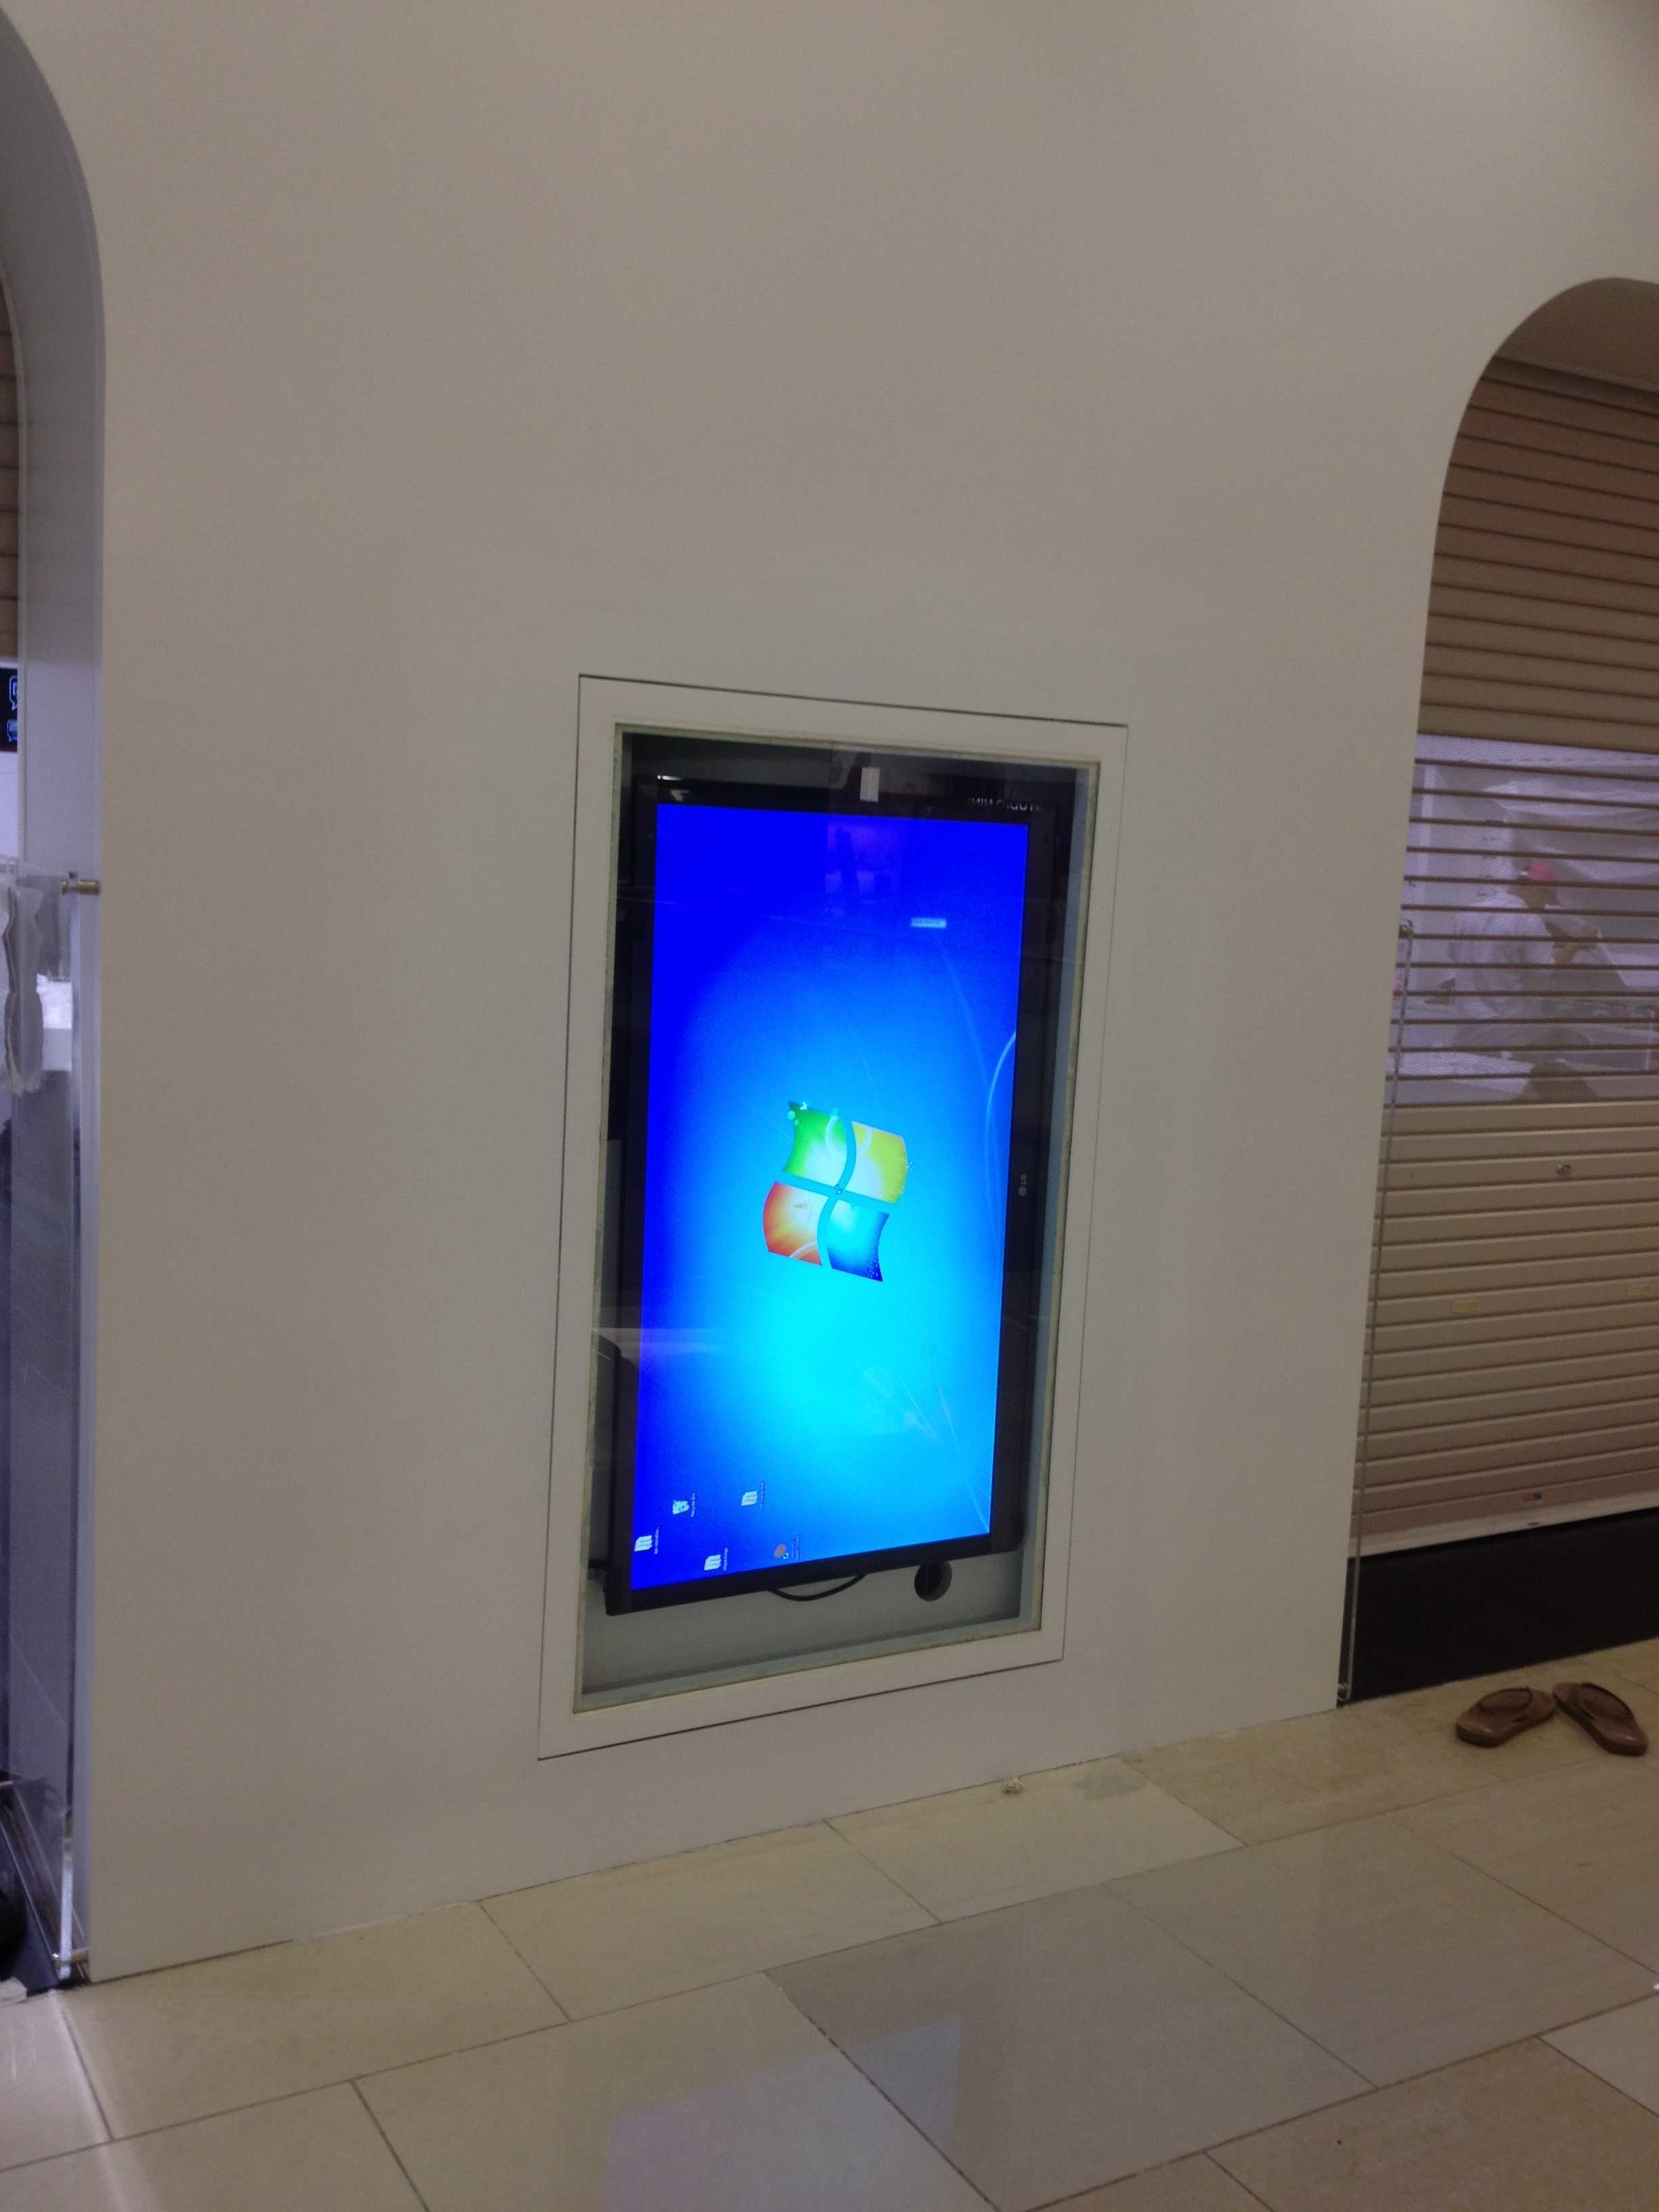 Astana Interior Blackberry Store Gandaria Jakarta, Daerah Khusus Ibukota Jakarta, Indonesia Jakarta, Daerah Khusus Ibukota Jakarta, Indonesia Astana-Interior-Blackberry-Store-Gandaria   58024